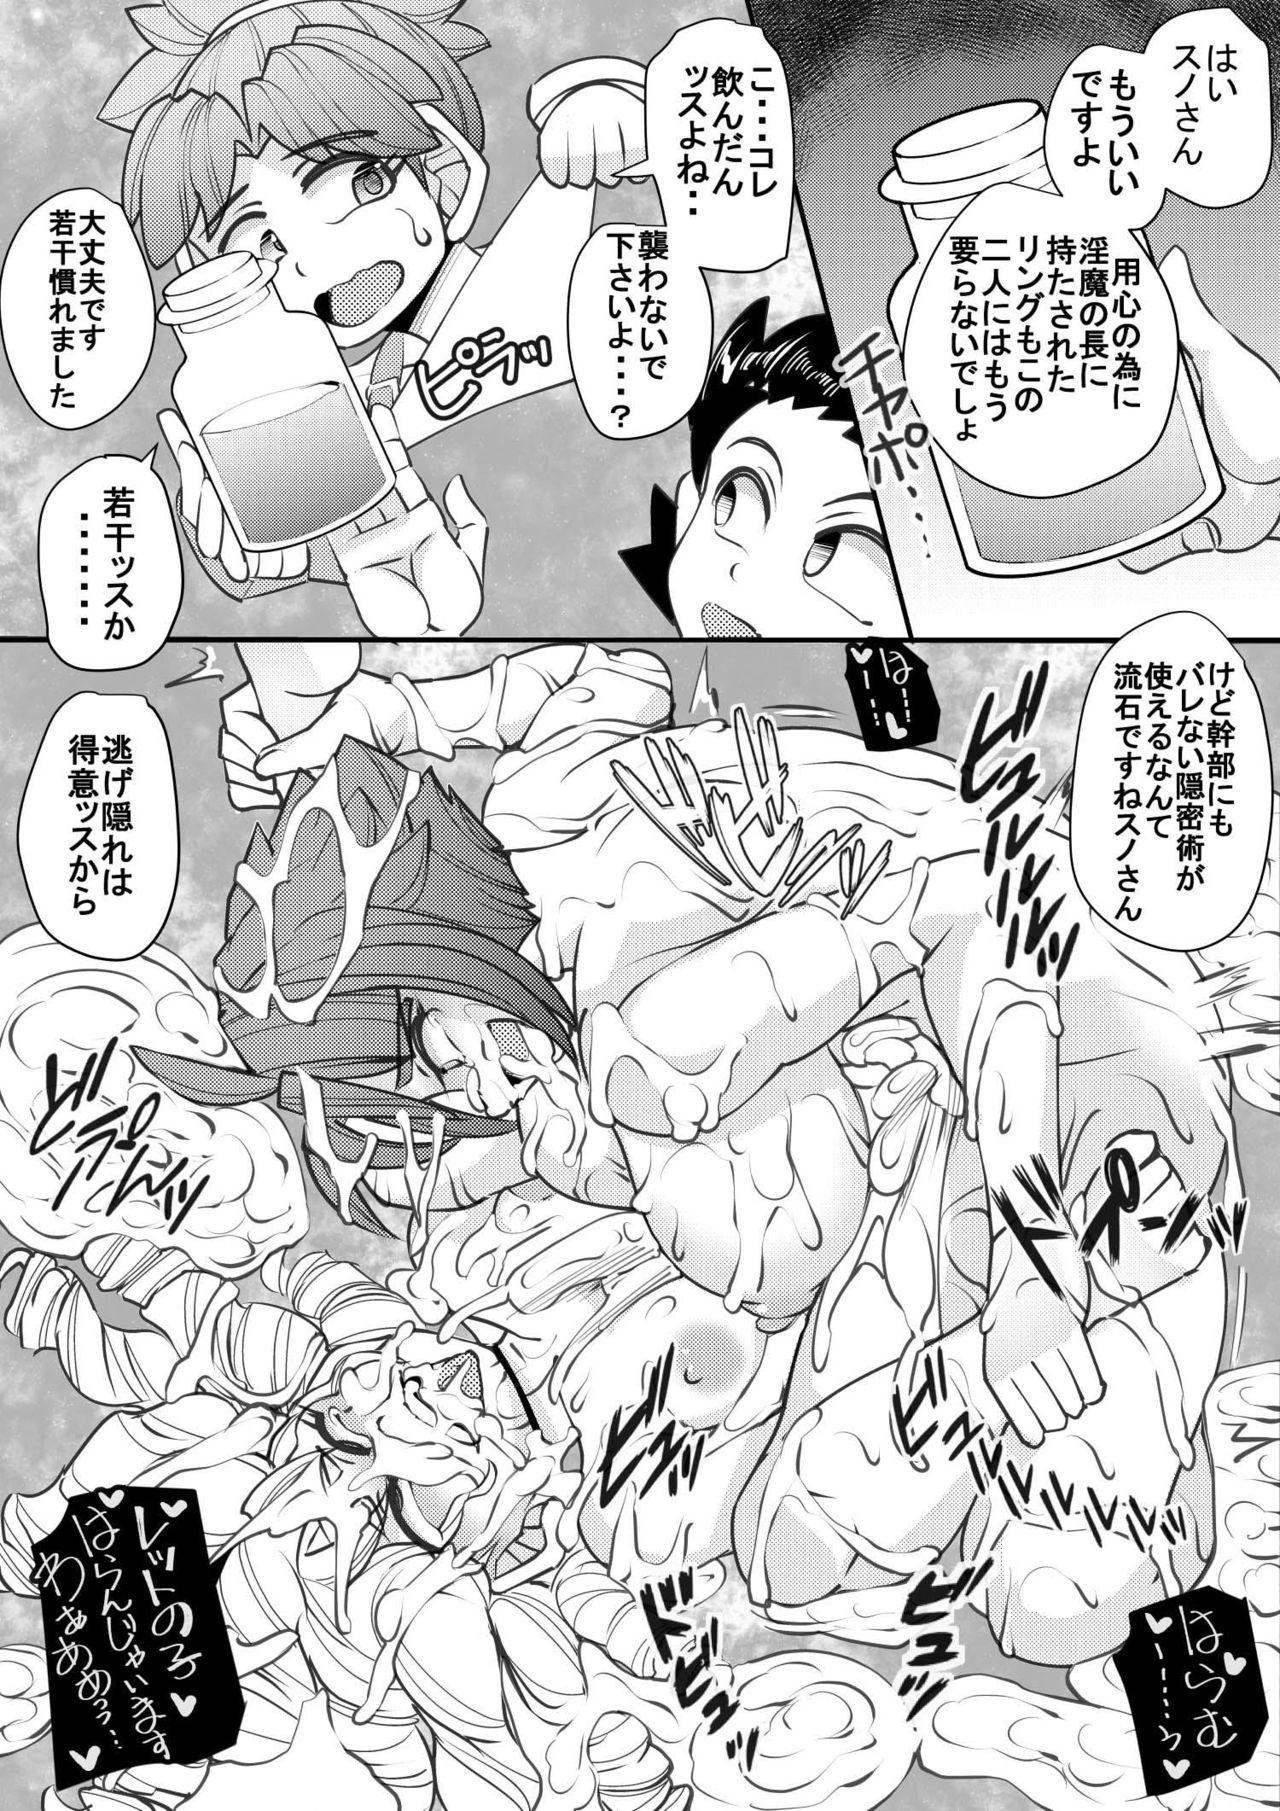 Uchi no Joseito Zenin Haramaseta Kedamono ga Anta no Gakuen ni Iku Rashii yo? 27 27